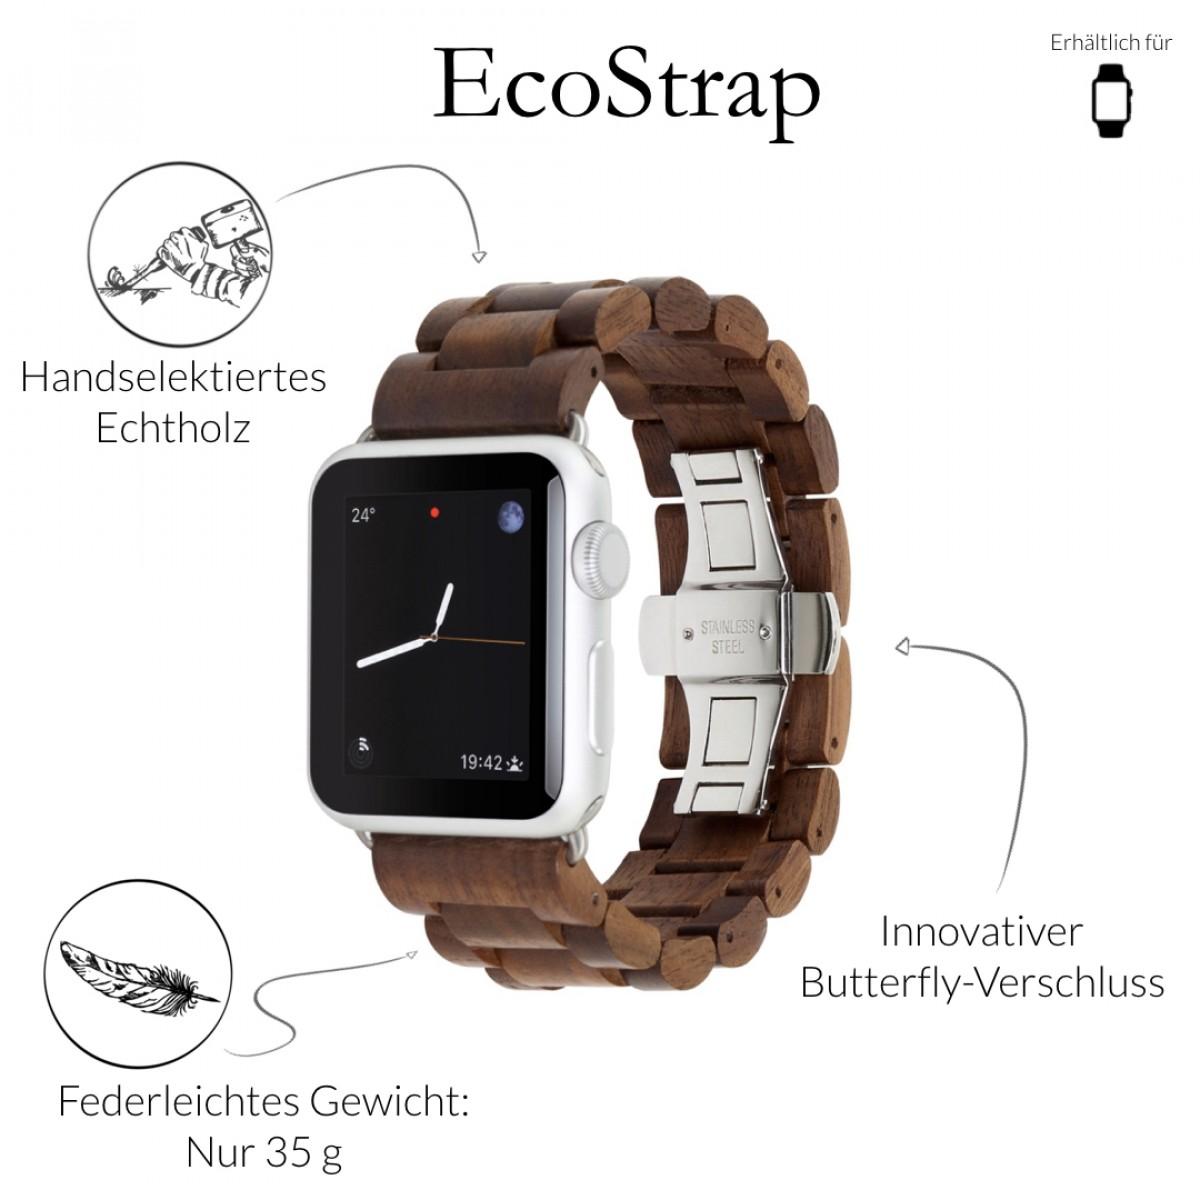 Woodcessories - EcoStrap - Premium Design Holzband, Strap, Armband, Uhrenarmband für die AppleWatch 1, 2 & 3 aus echtem Holz (Walnuss / silber, 38mm)